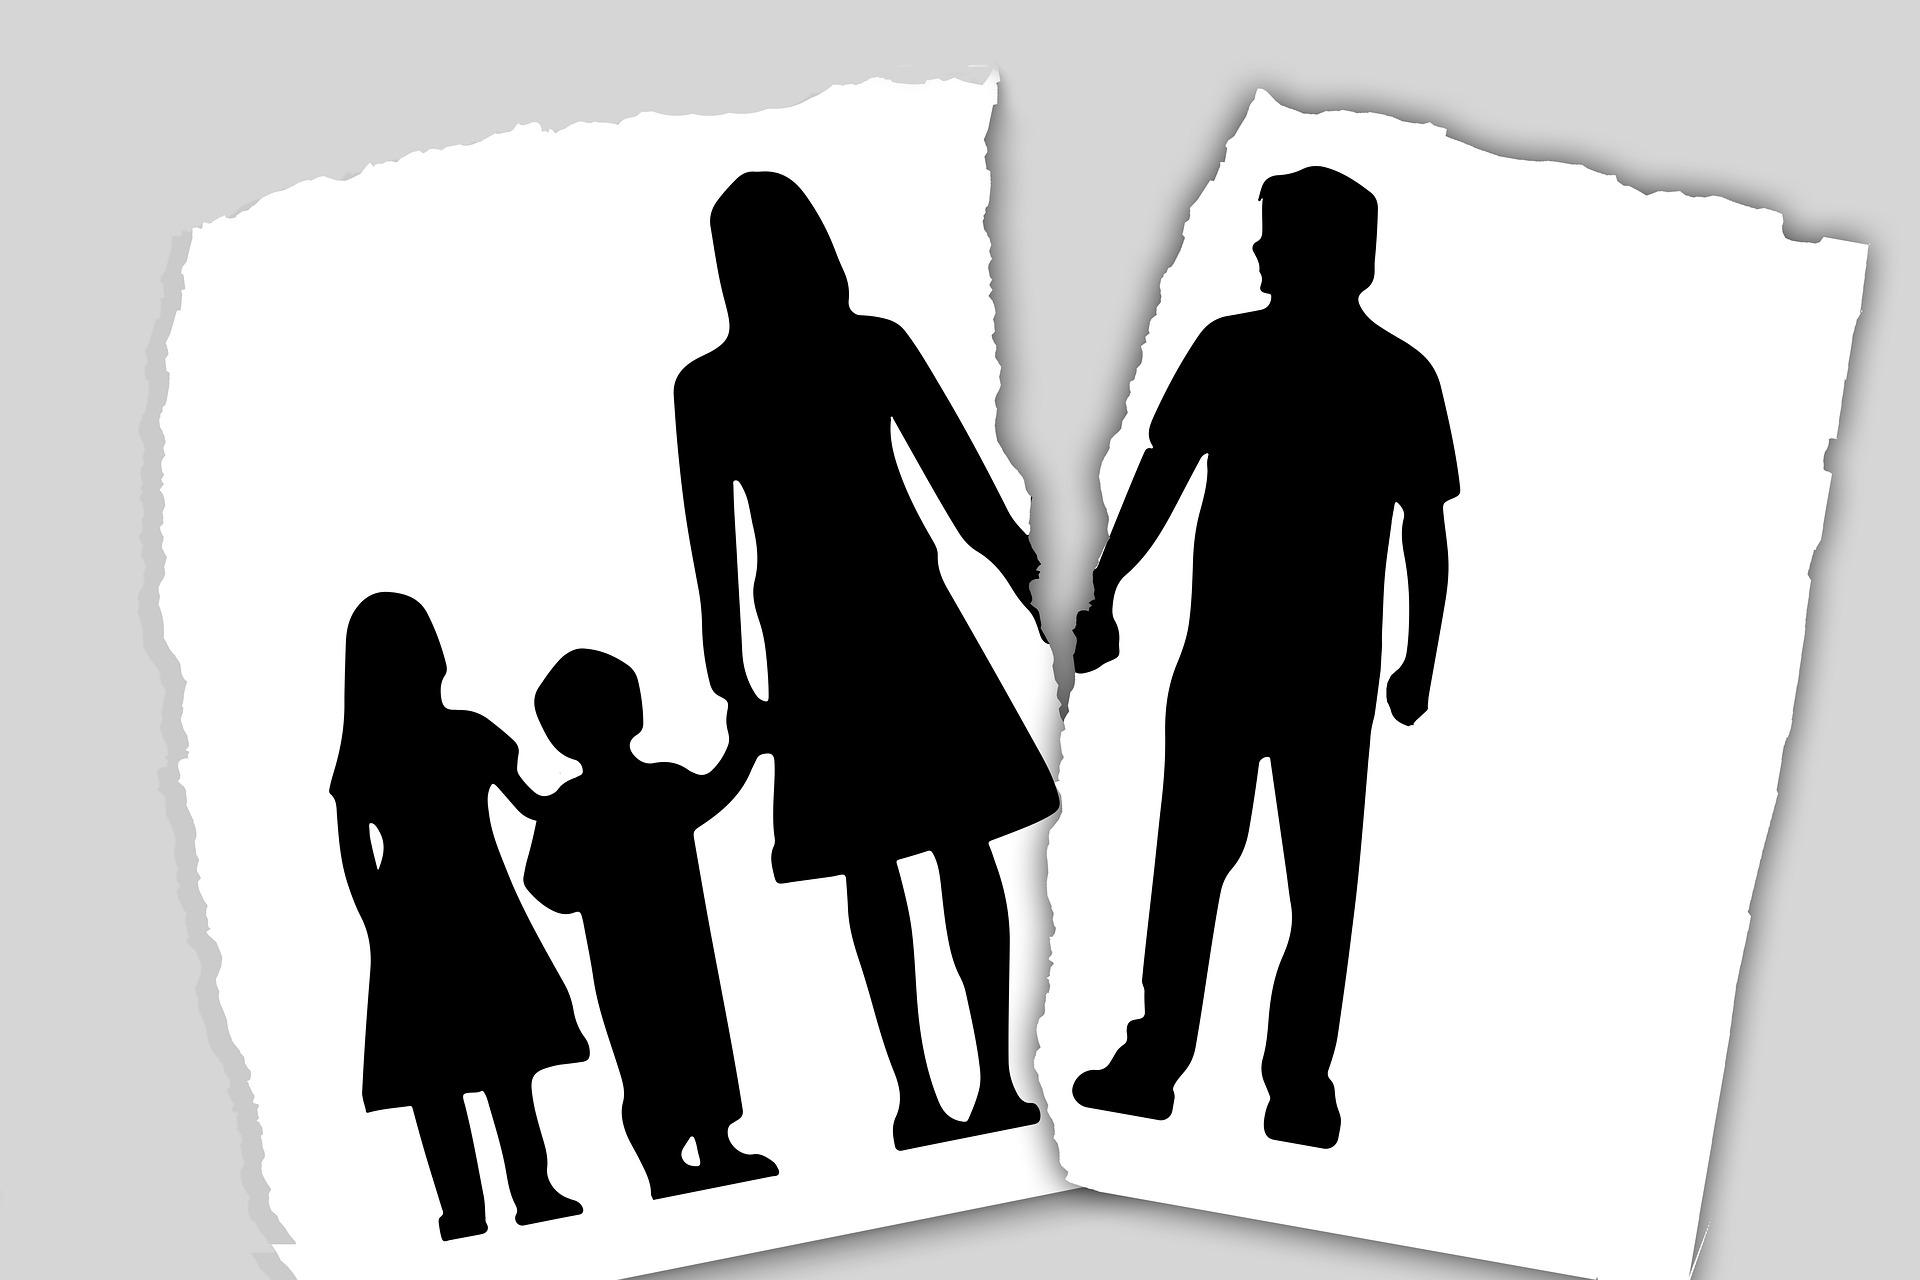 Thời gian giải quyết ly hôn là bao lâu?